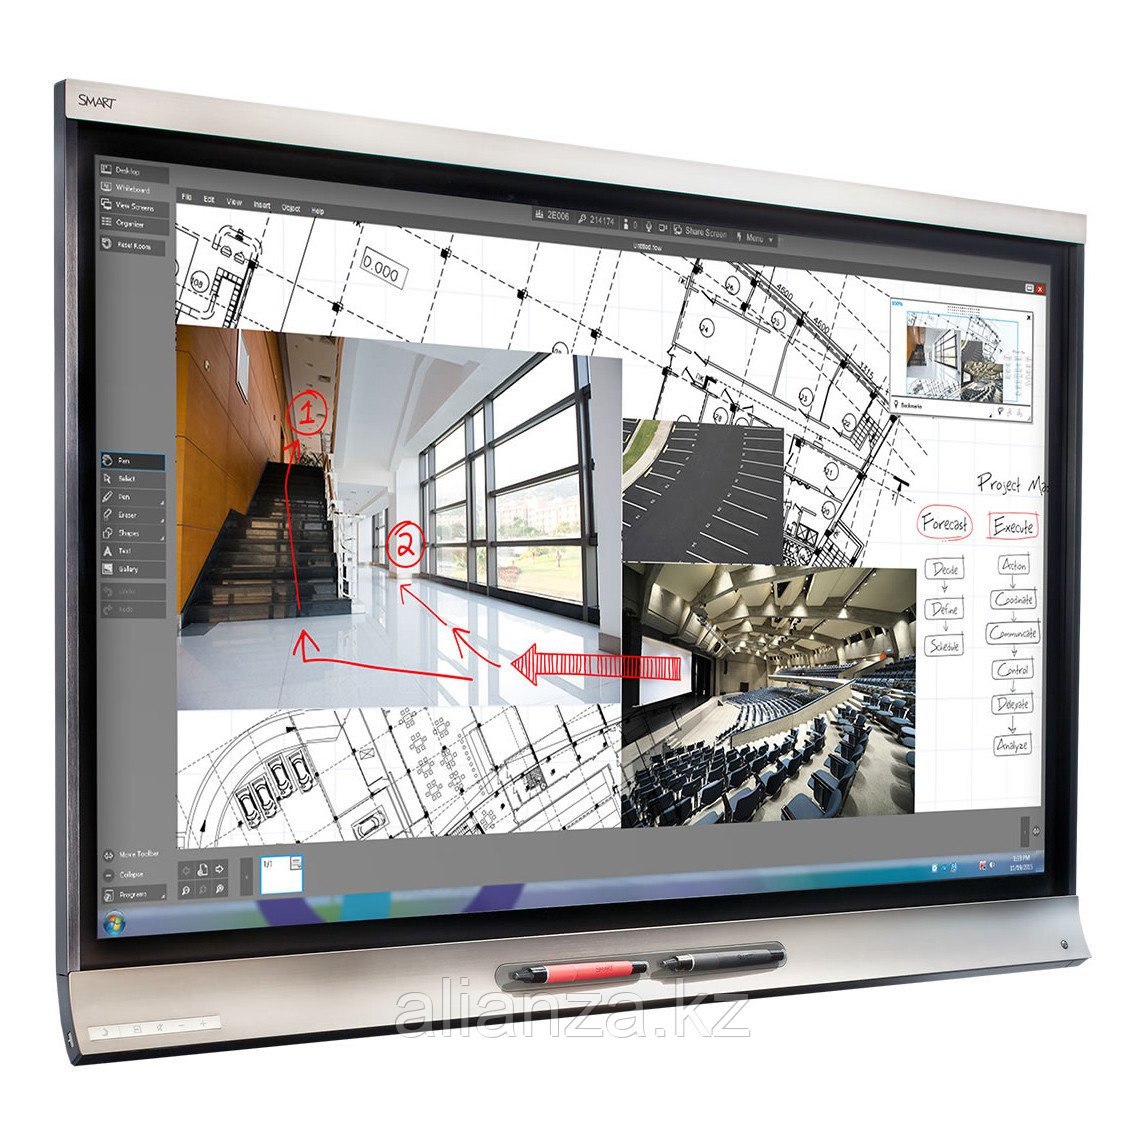 Интерактивный дисплей Smart SPNL-6265P interactive flat panel